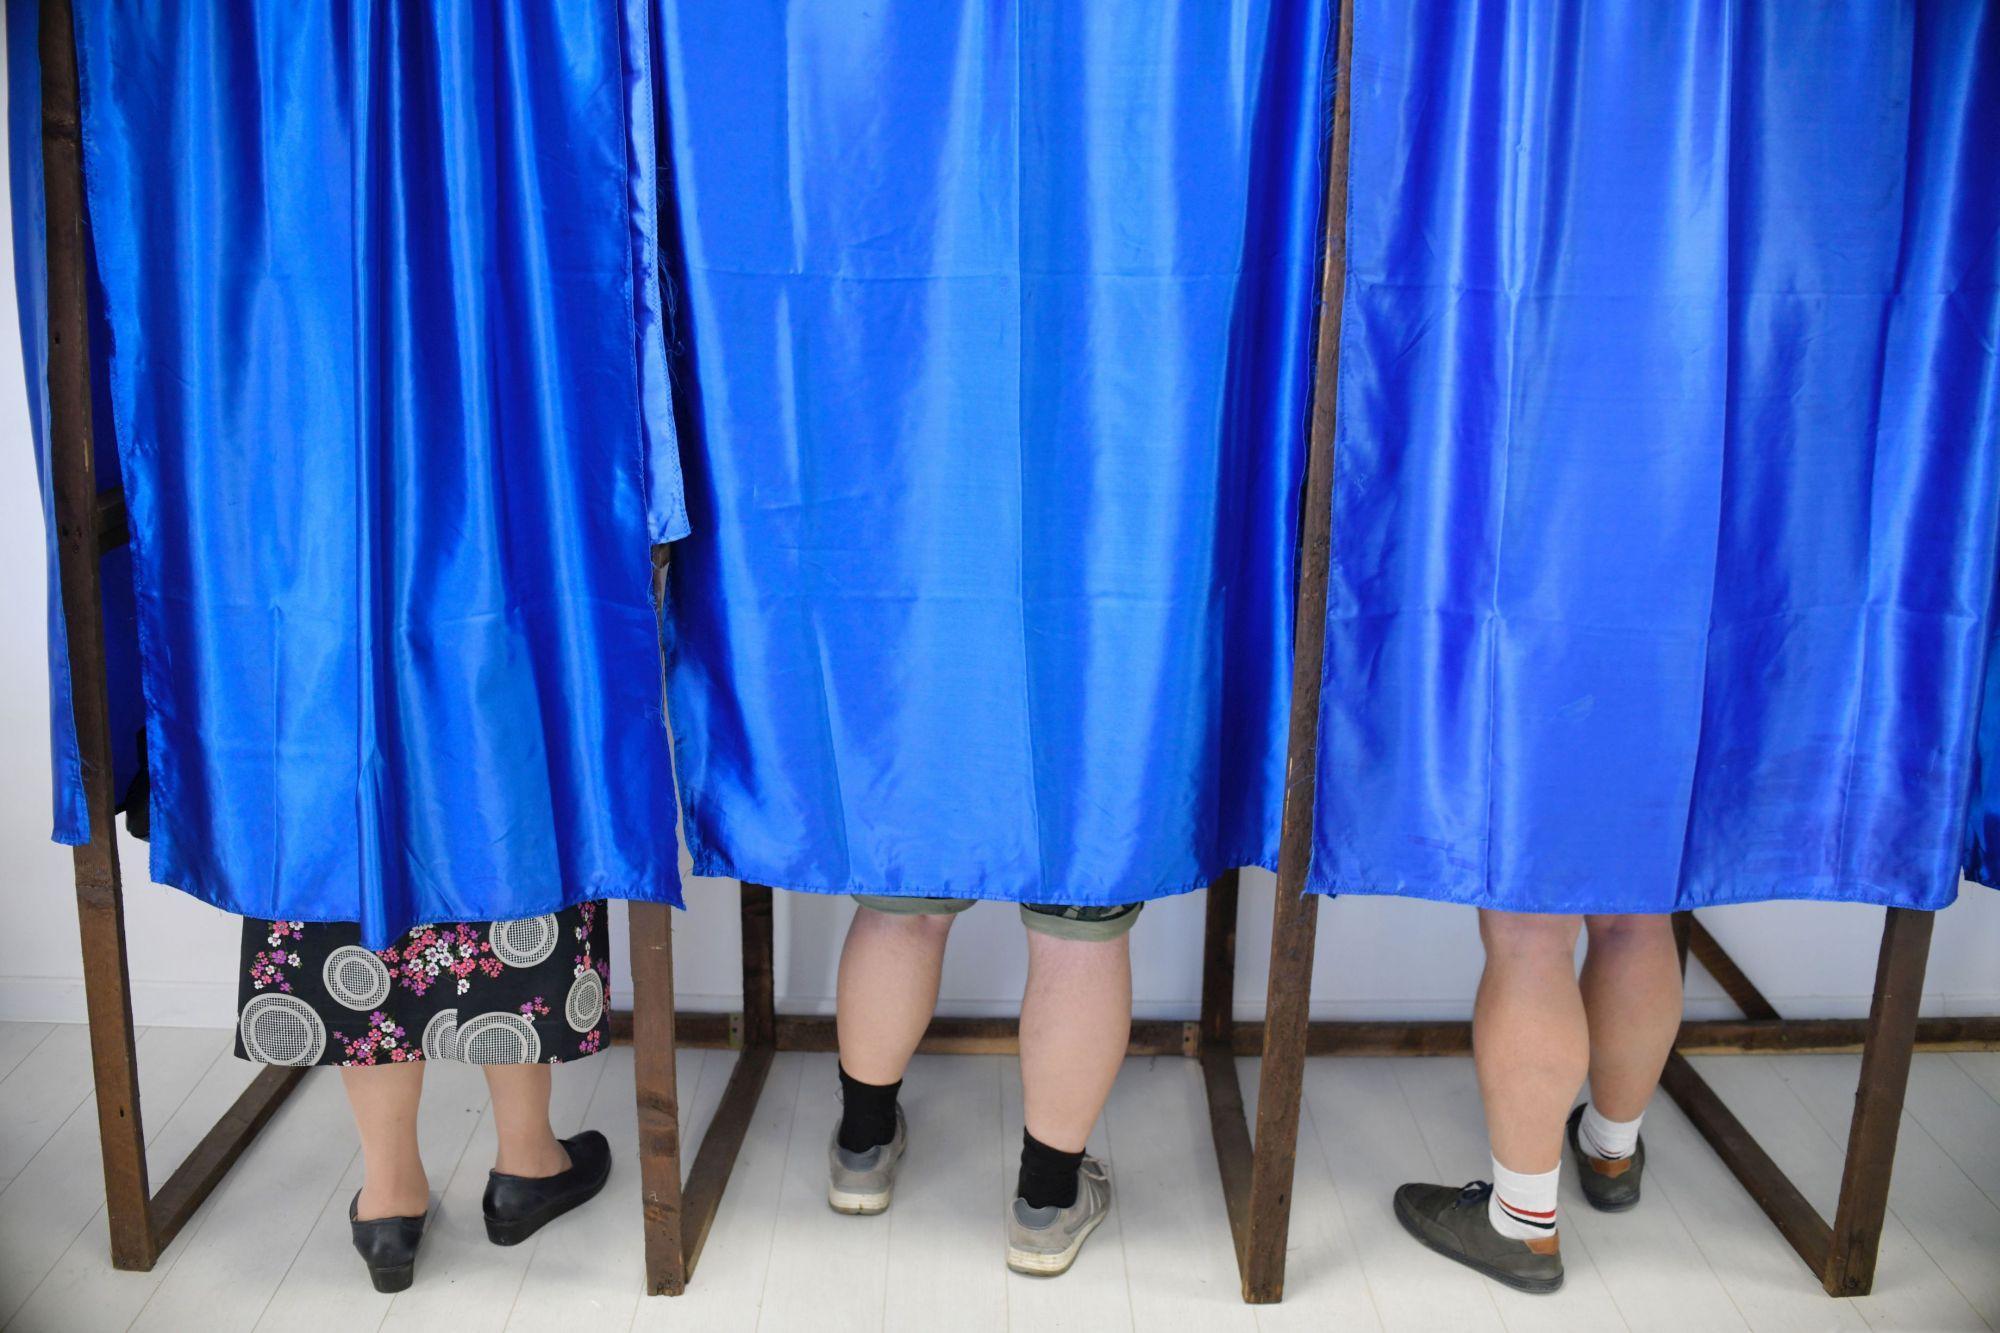 Referendumul pentru alipirea comunei Ţinteşti la Buzău a eşuat. Prezenţă foarte scăzută la vot